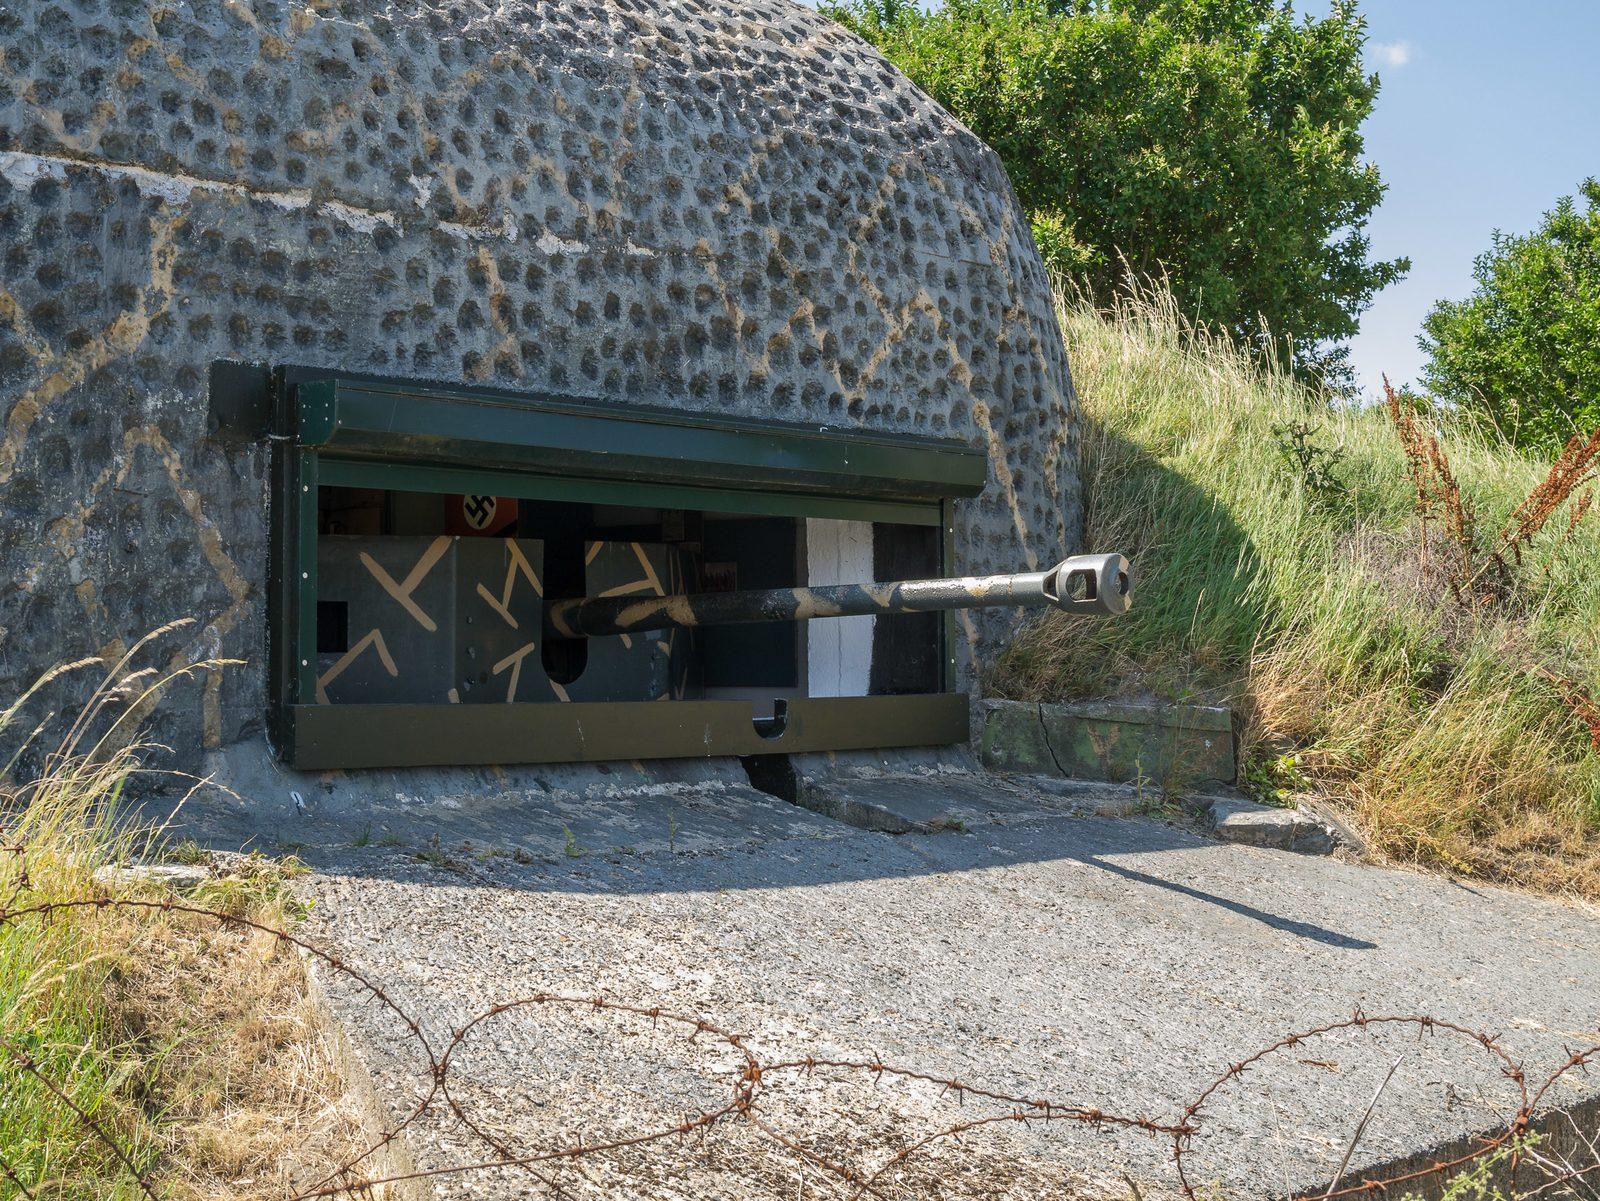 Kazemattenmuseum – Kornwederzand